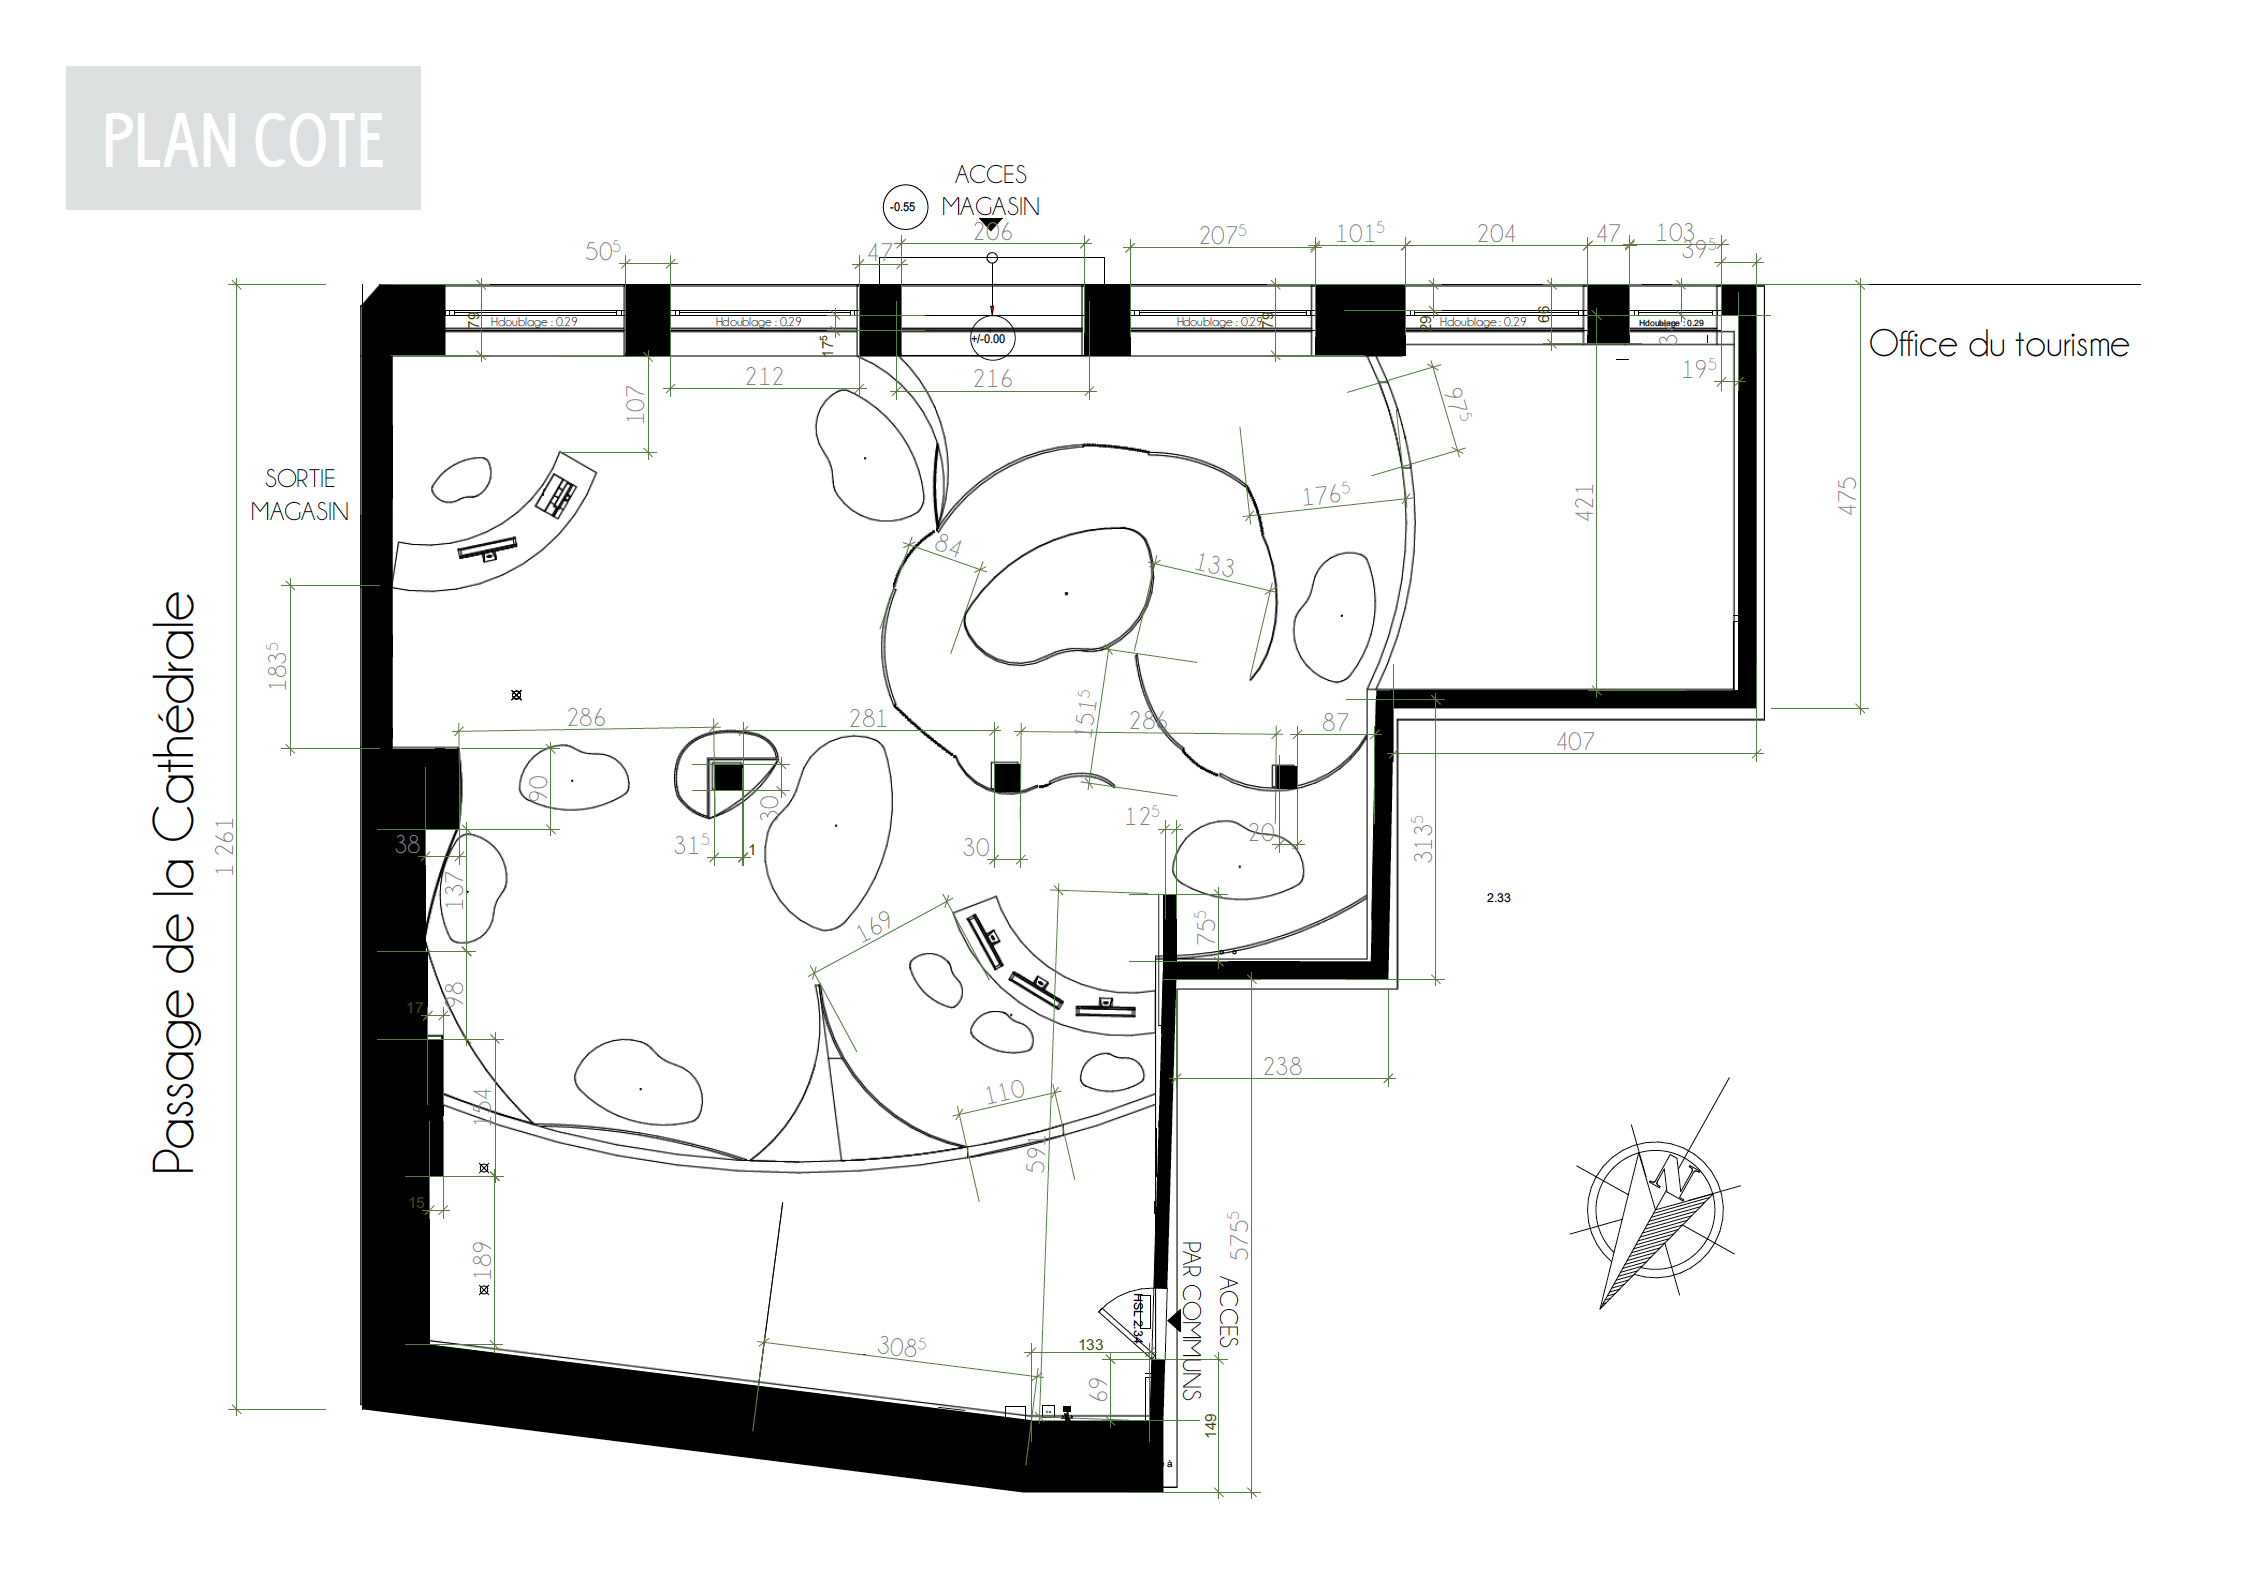 Boutique Batorama plan coté L'Atelier d'Elisa